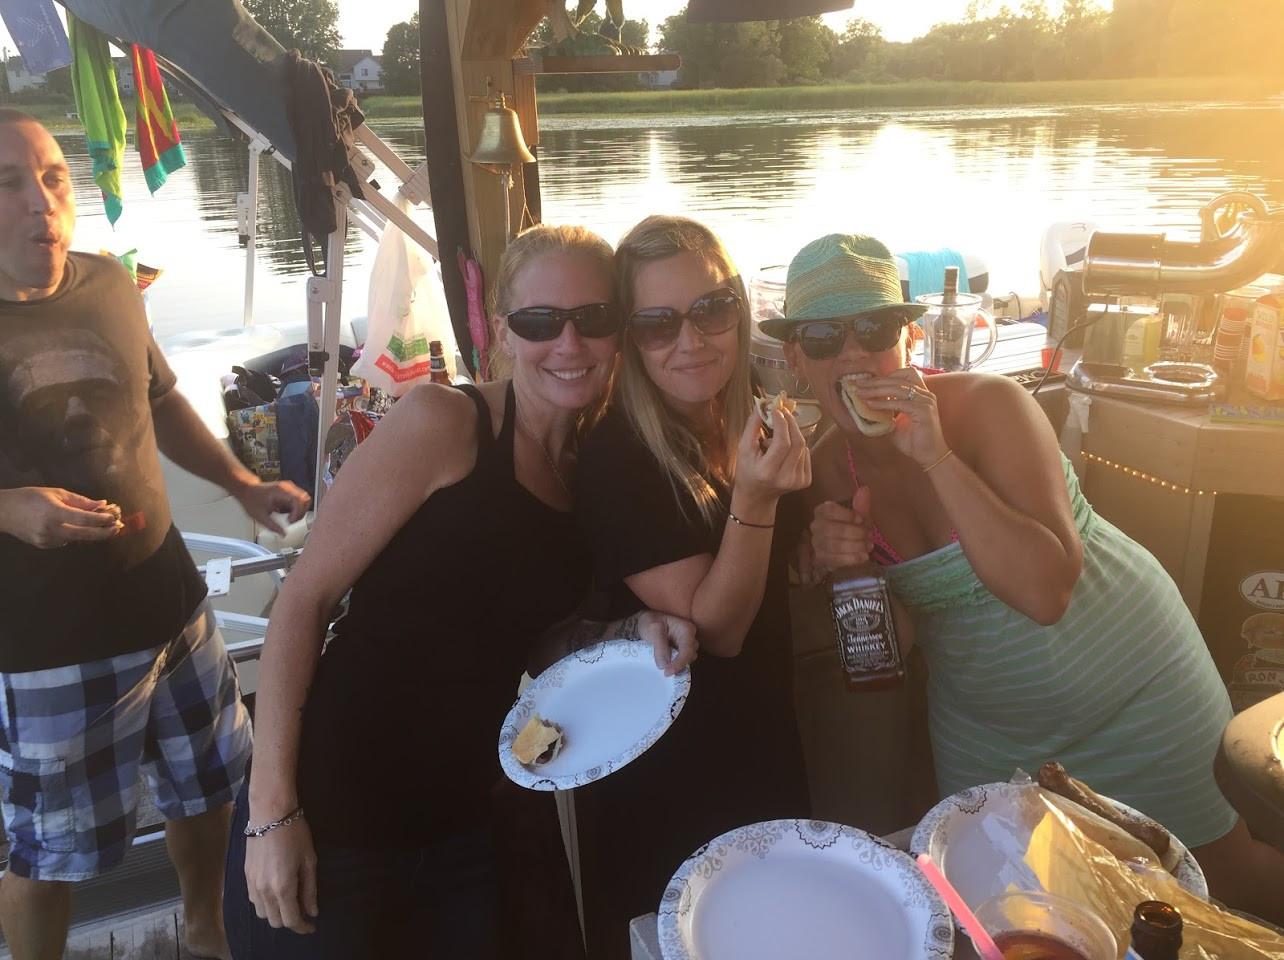 Lake Party Fun!